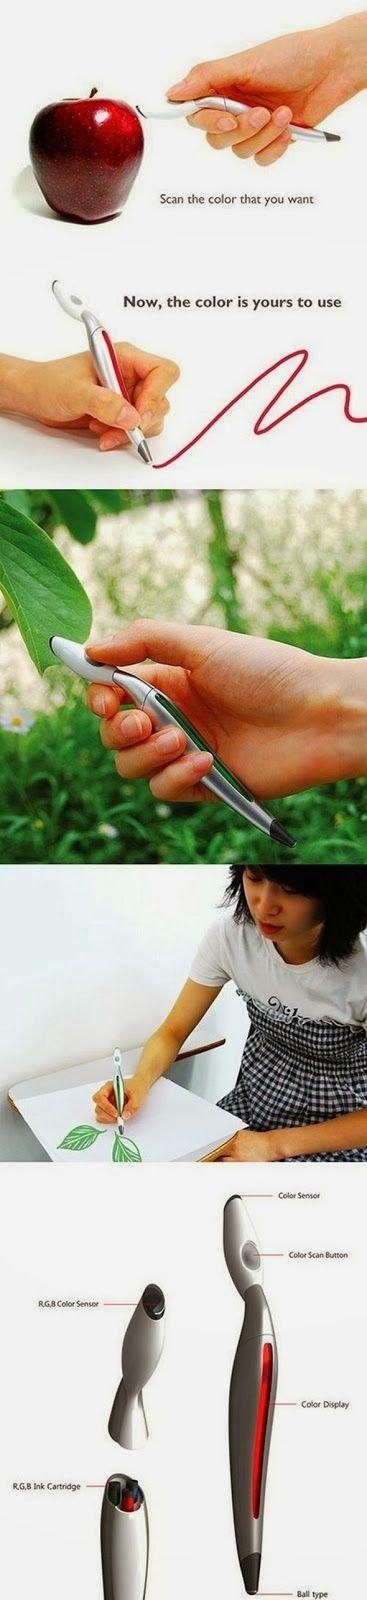 High-Tech Color Scan Pen